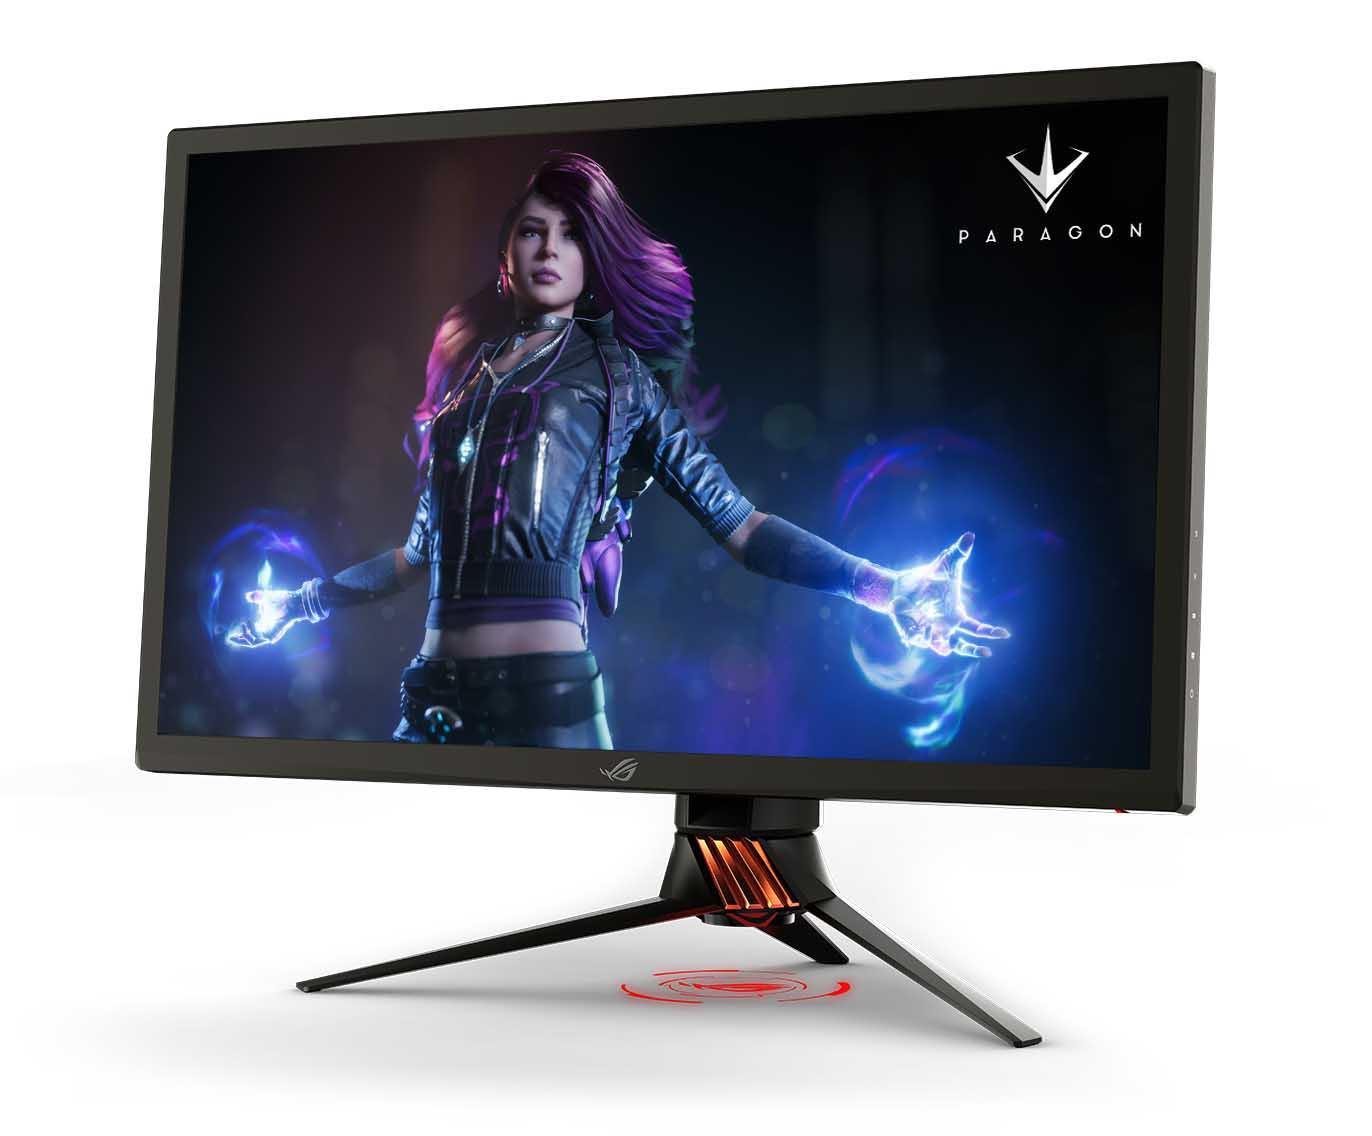 asus-rog-swift-pg27uq-nvidia-g-sync-hdr-monitor